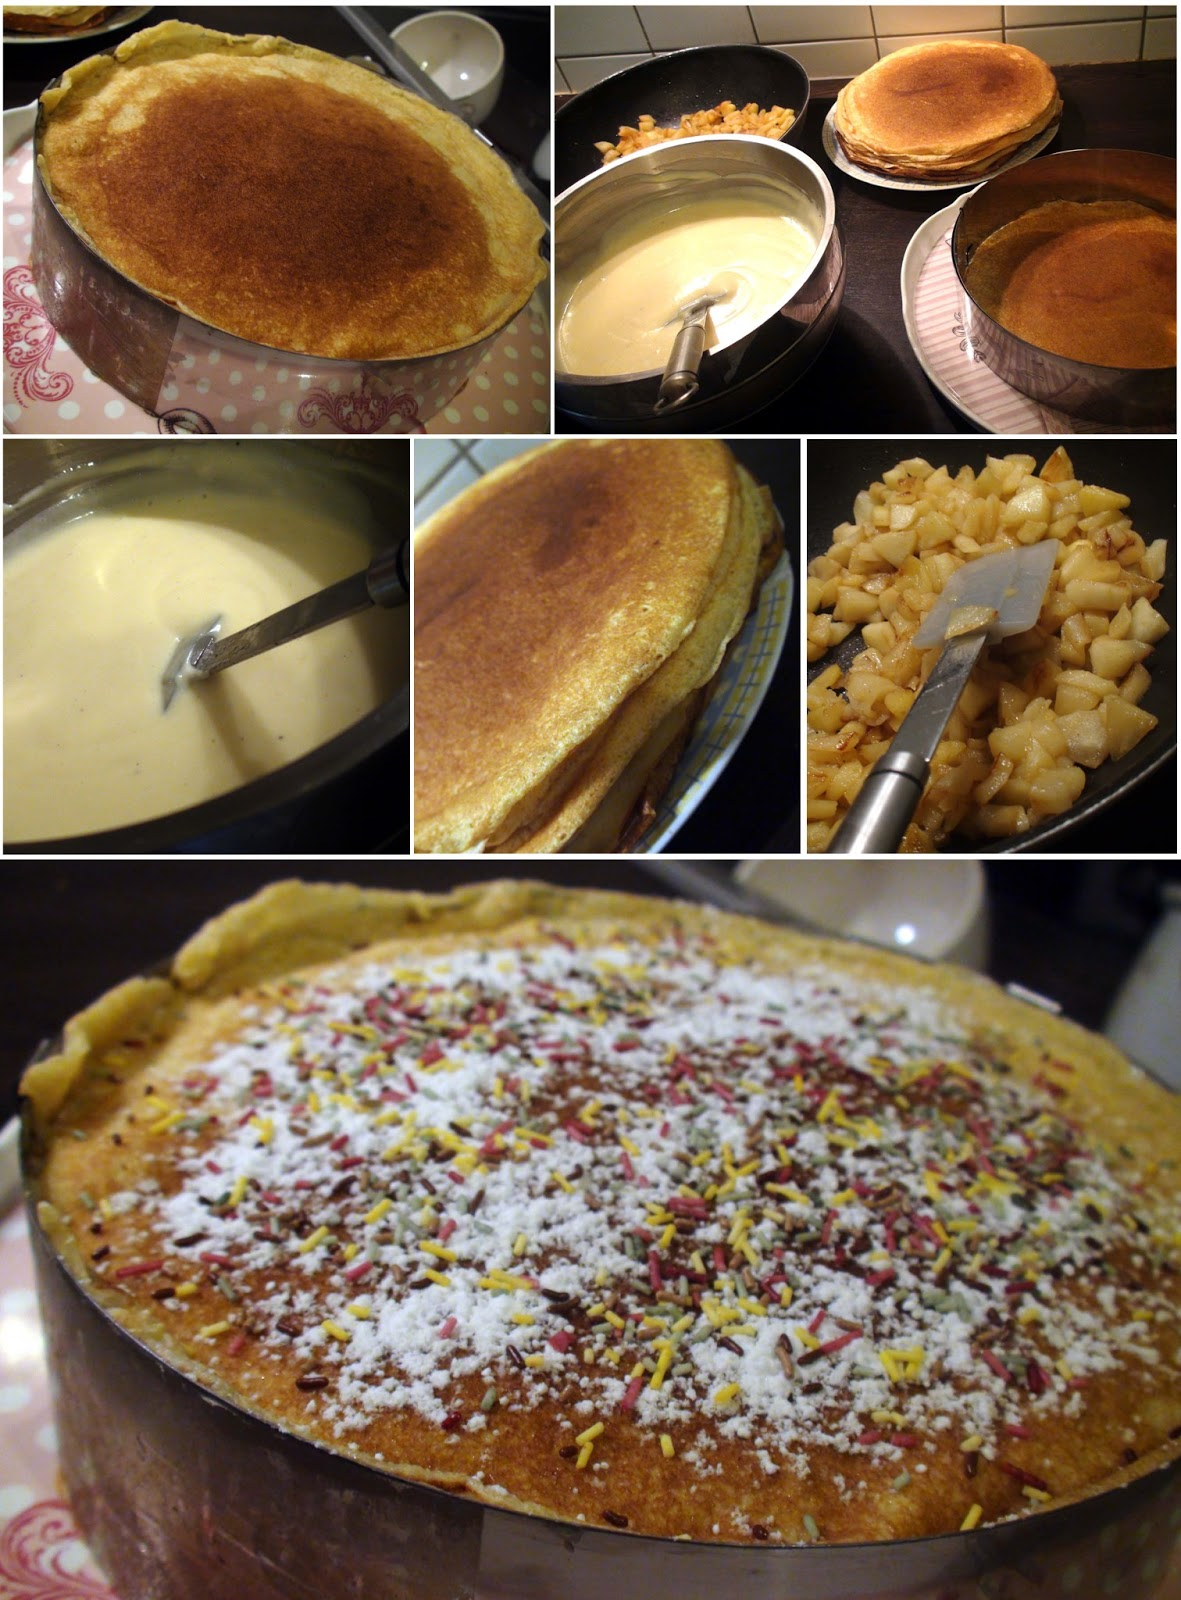 Gateau de crepes pommes caramel beurre sale